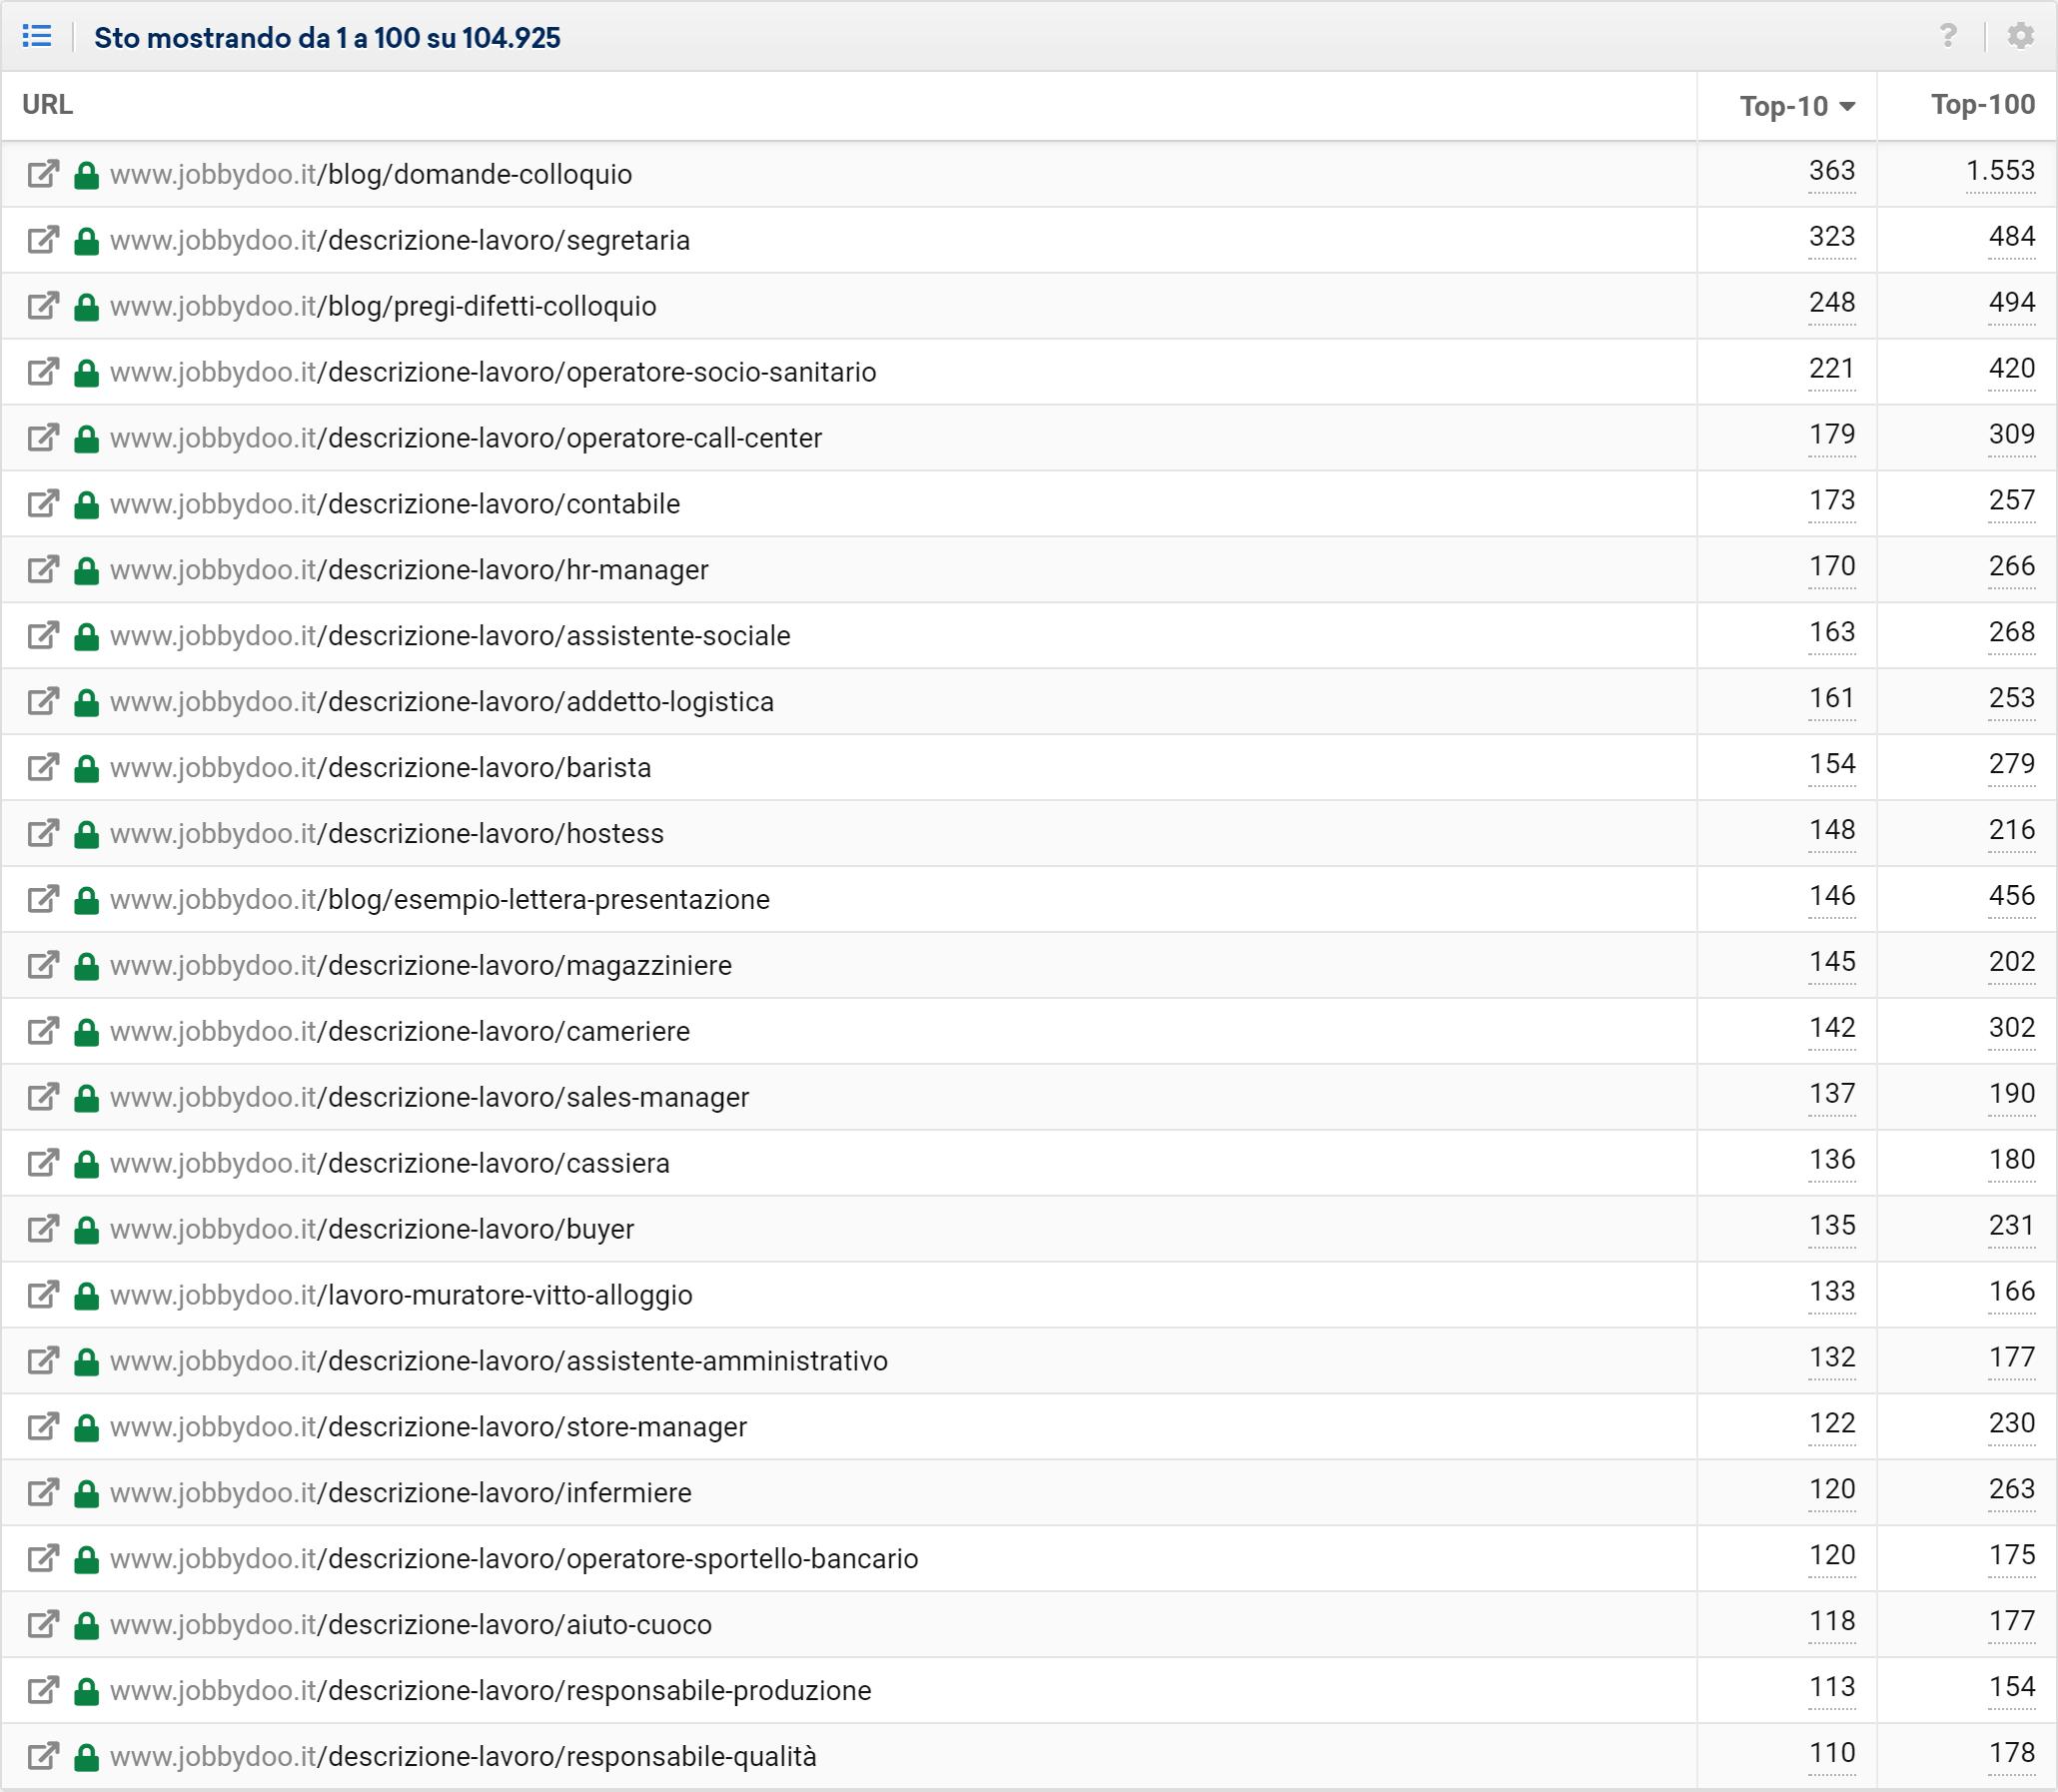 Toolbox SISTRIX: URL con più ranking di jobbydoo.it